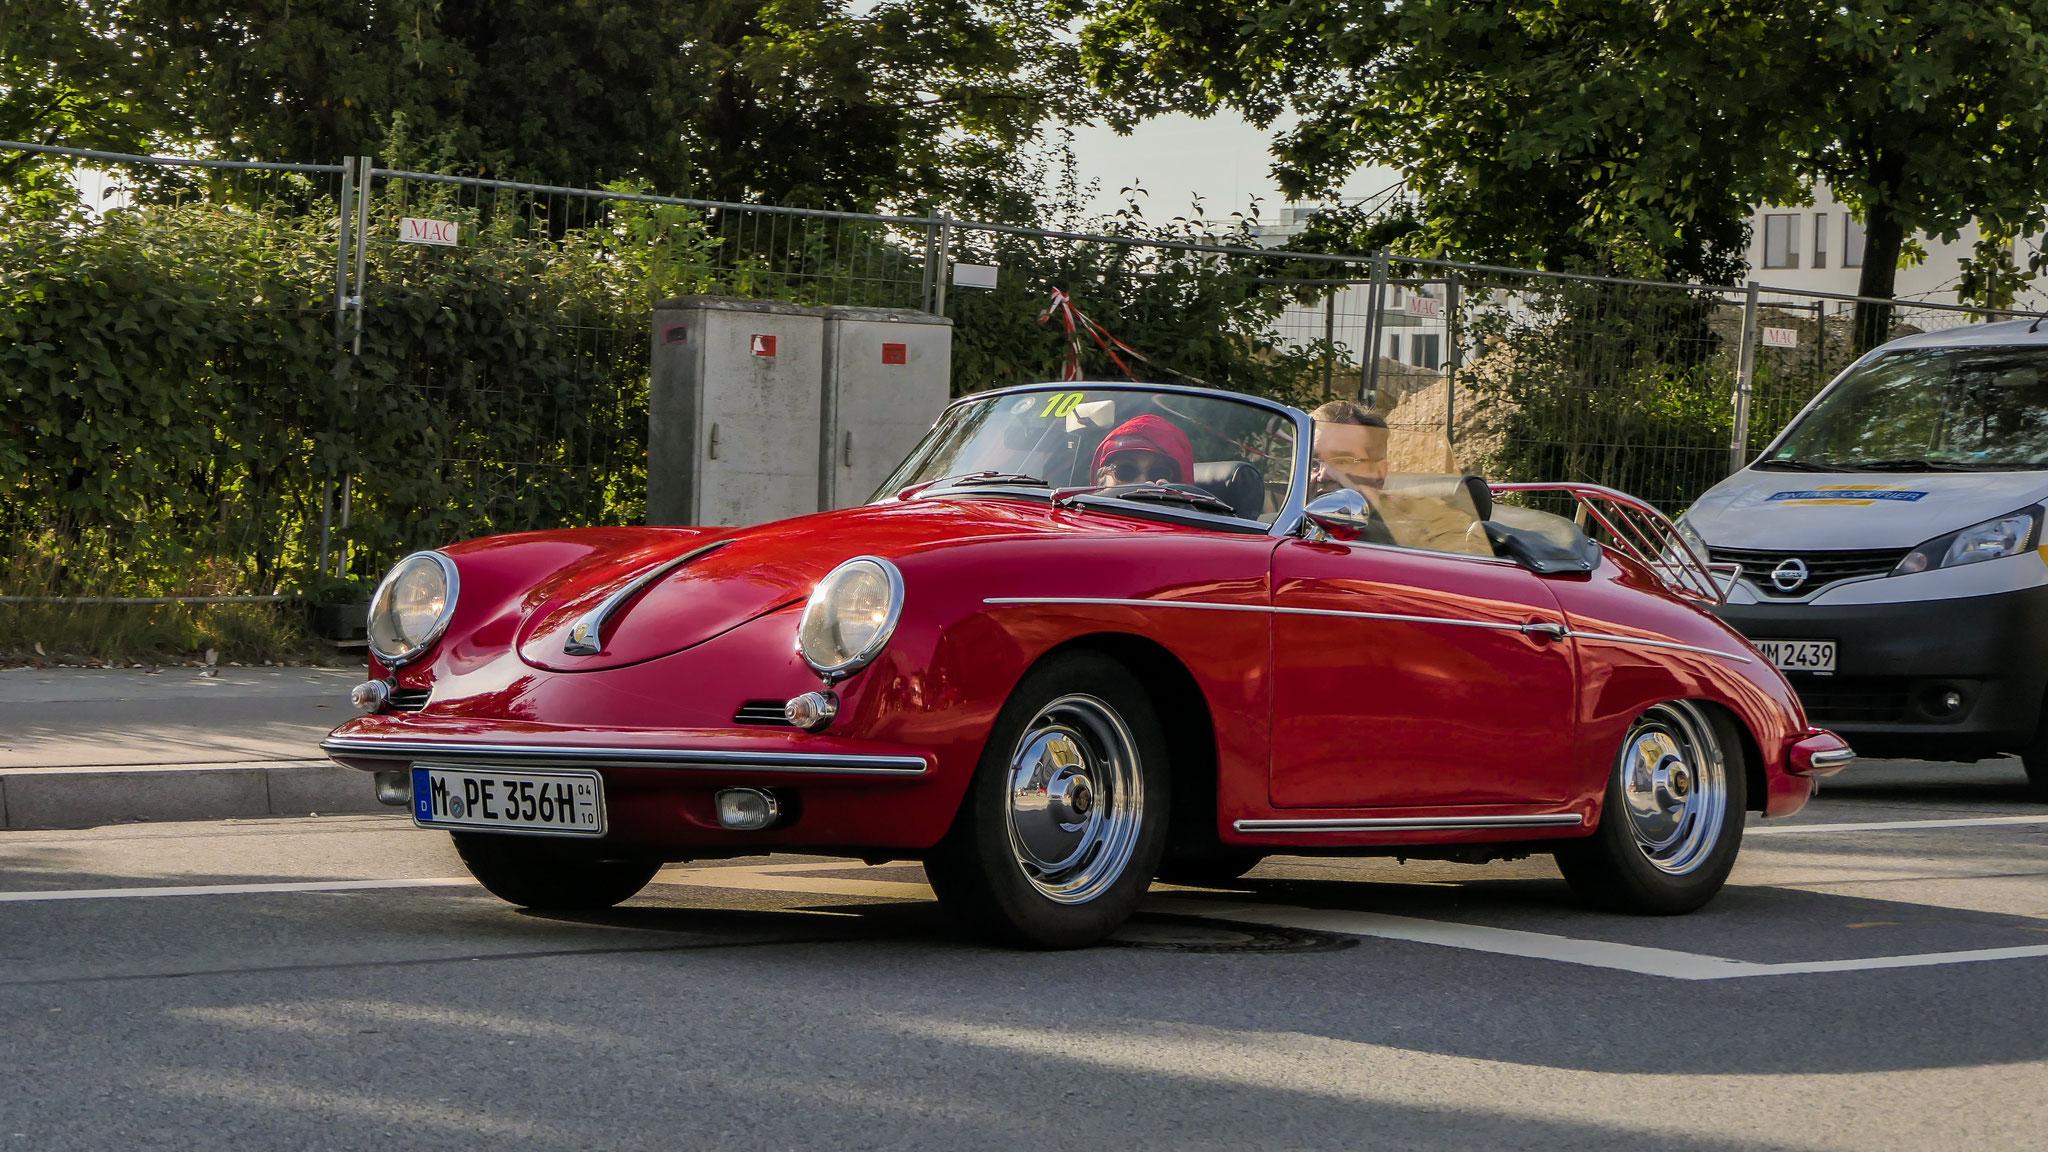 Porsche 356 1600 Super - M-PE-356H